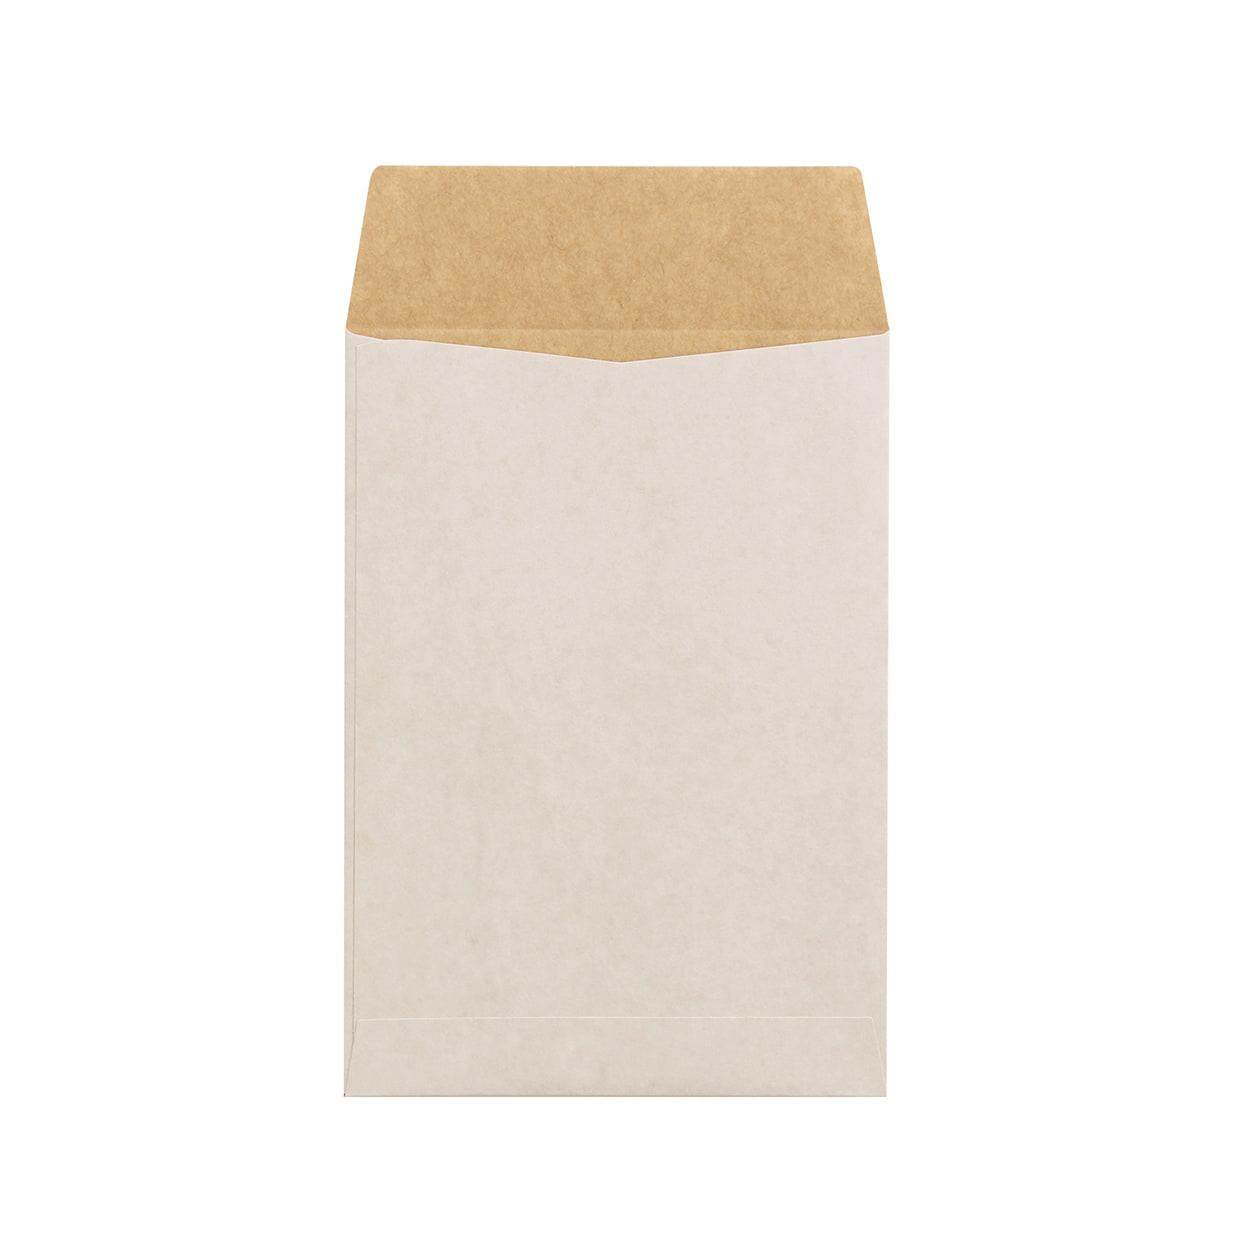 洋2タテ封筒 ホワイトクラフト 100g